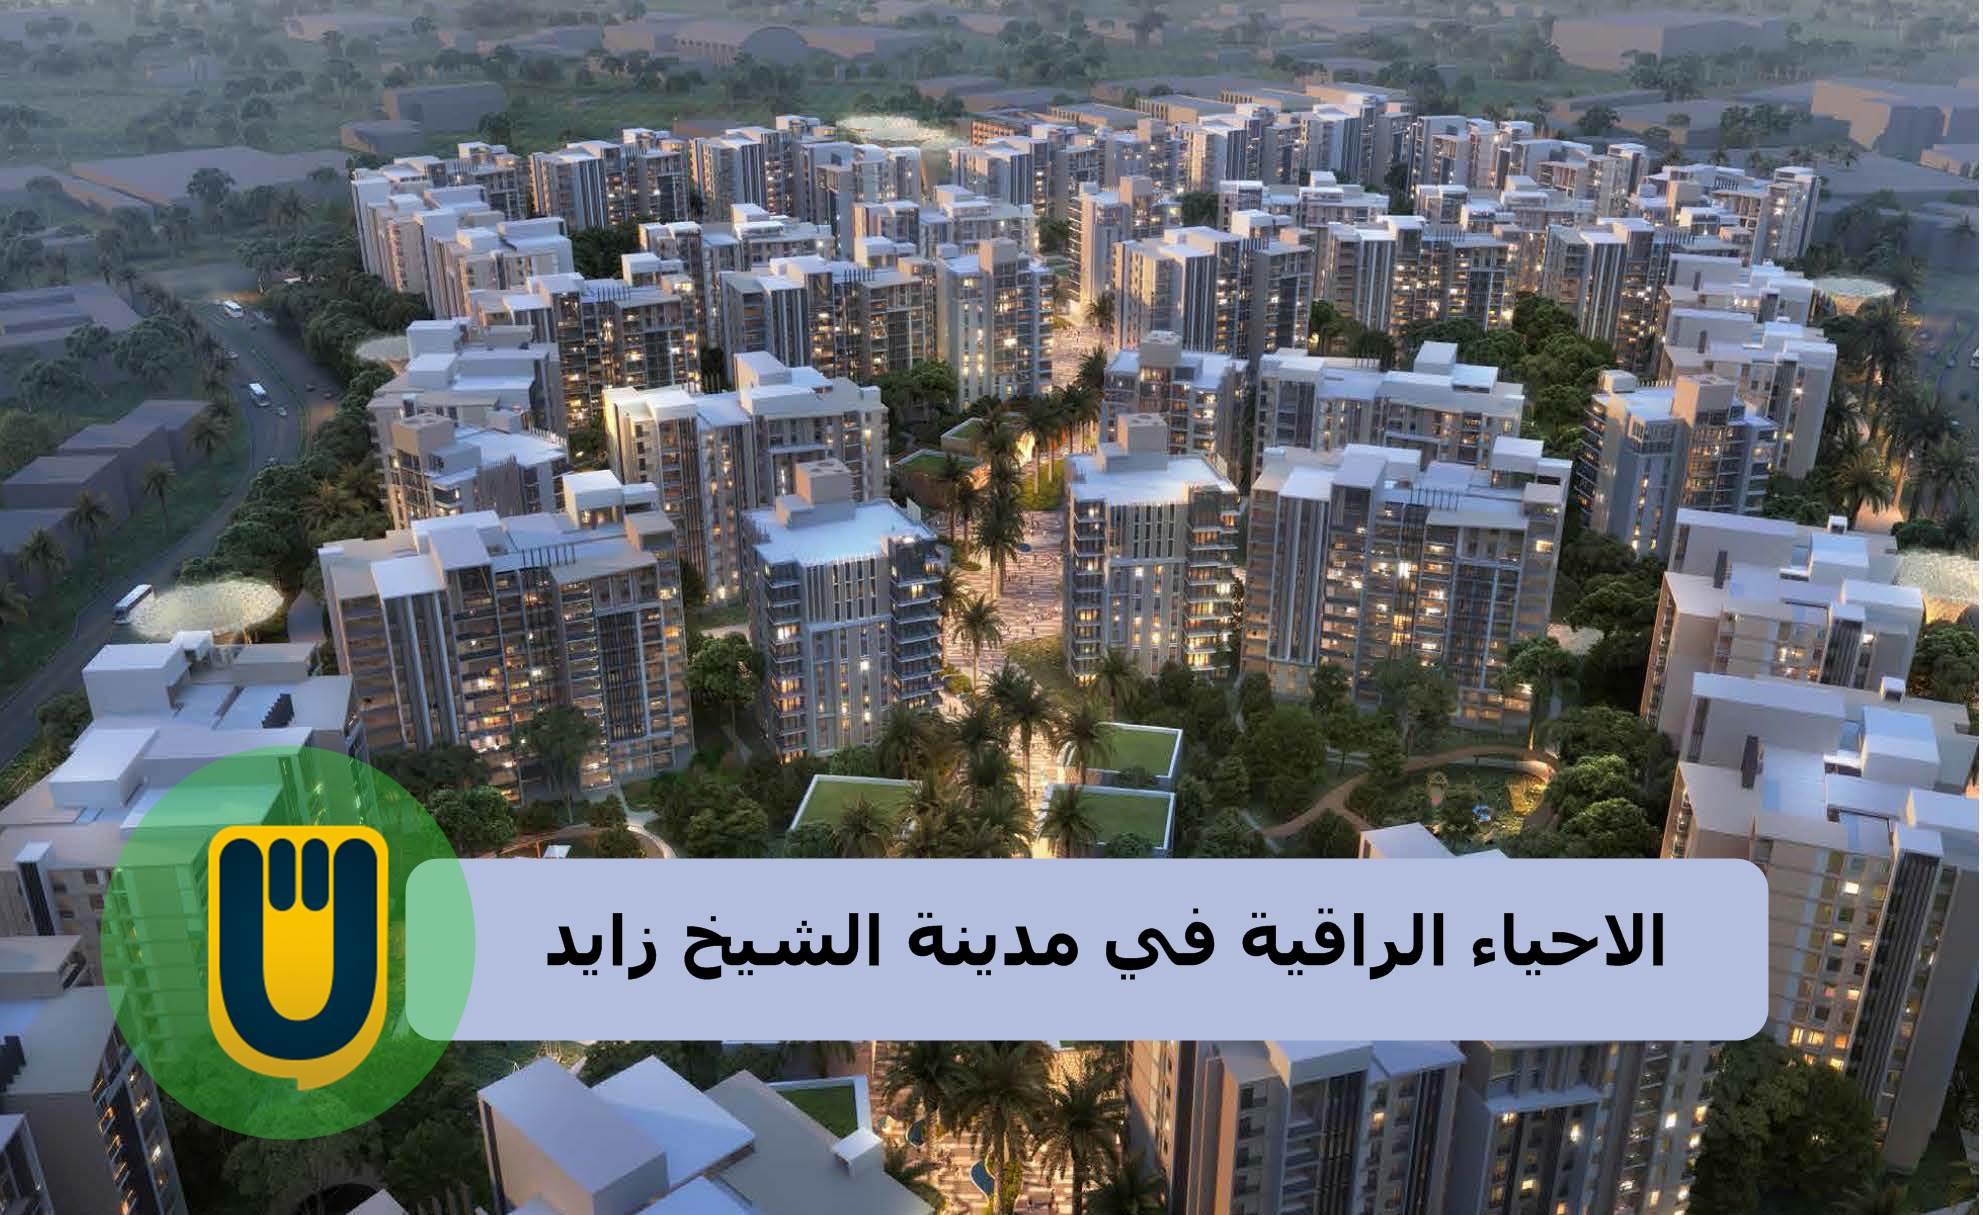 الاحياء الراقية في مدينة الشيخ زايد يوفن